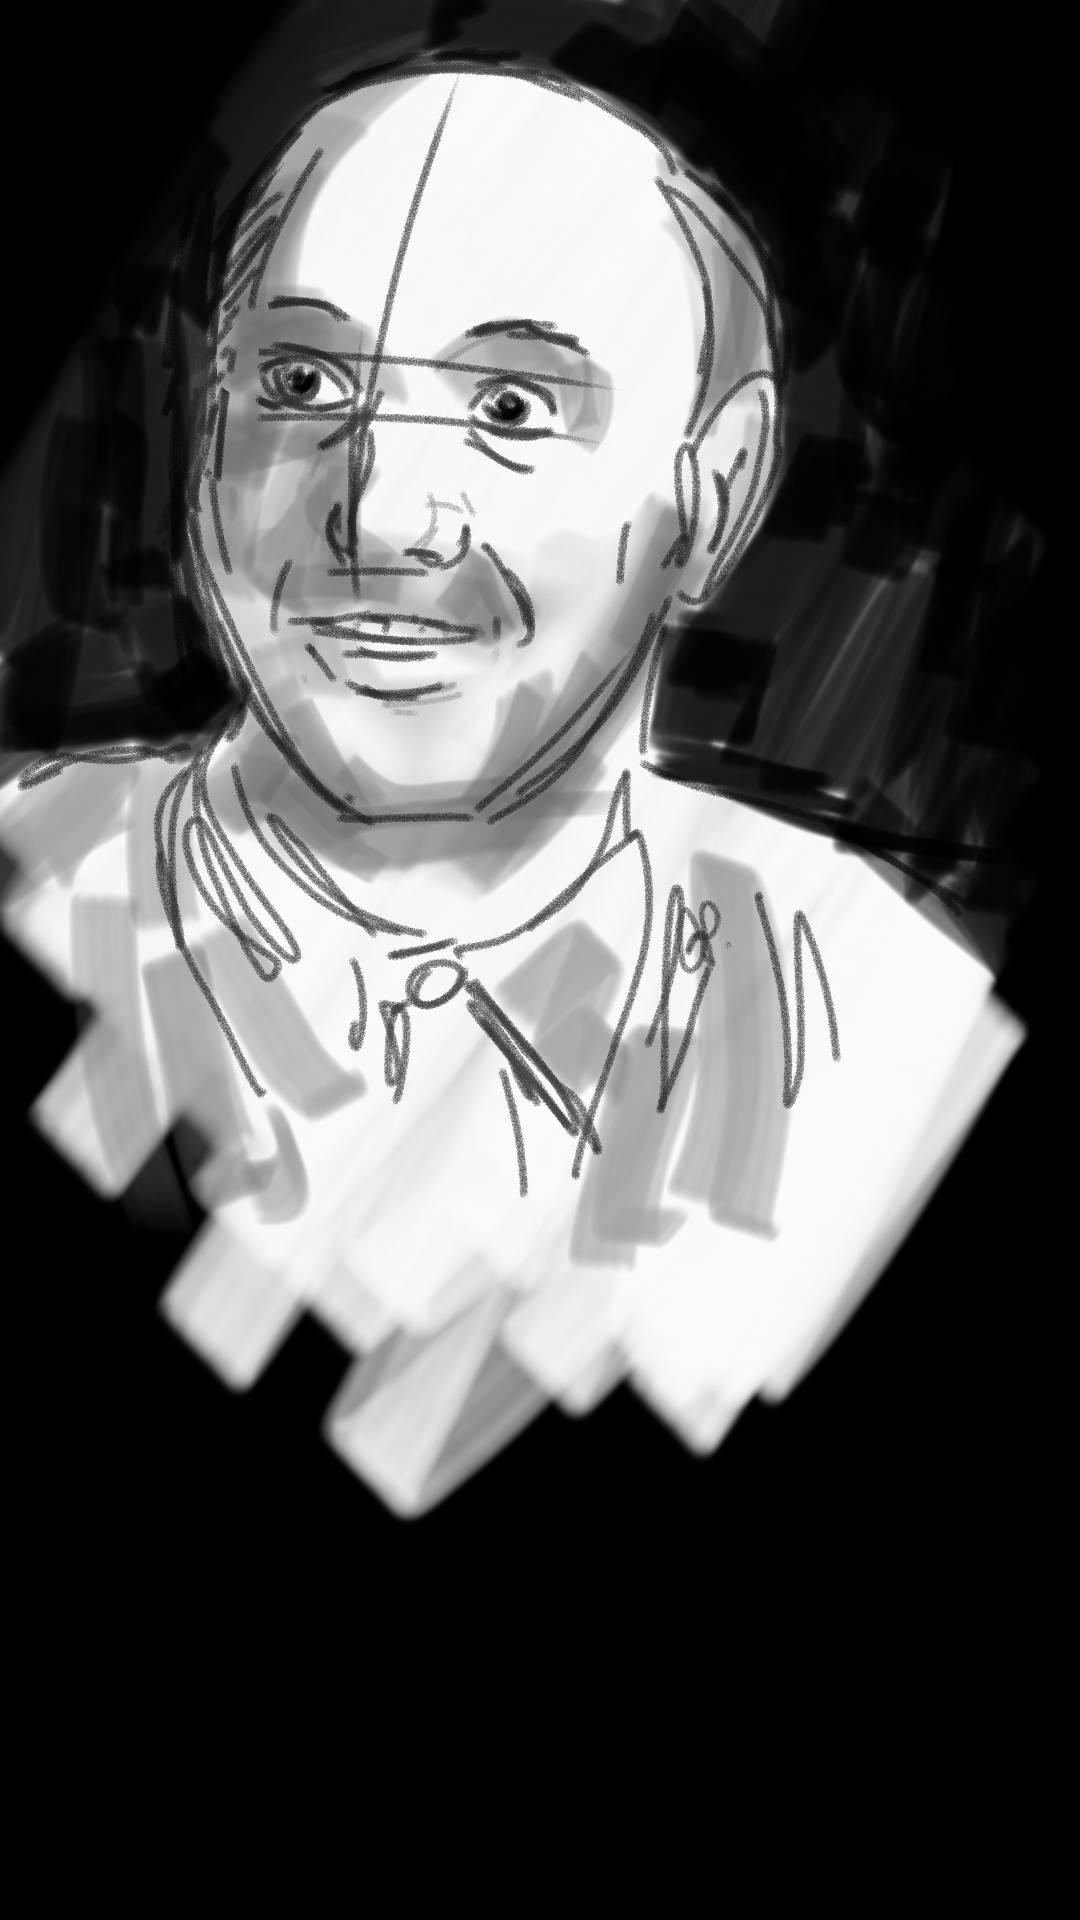 sketch-1574031644135